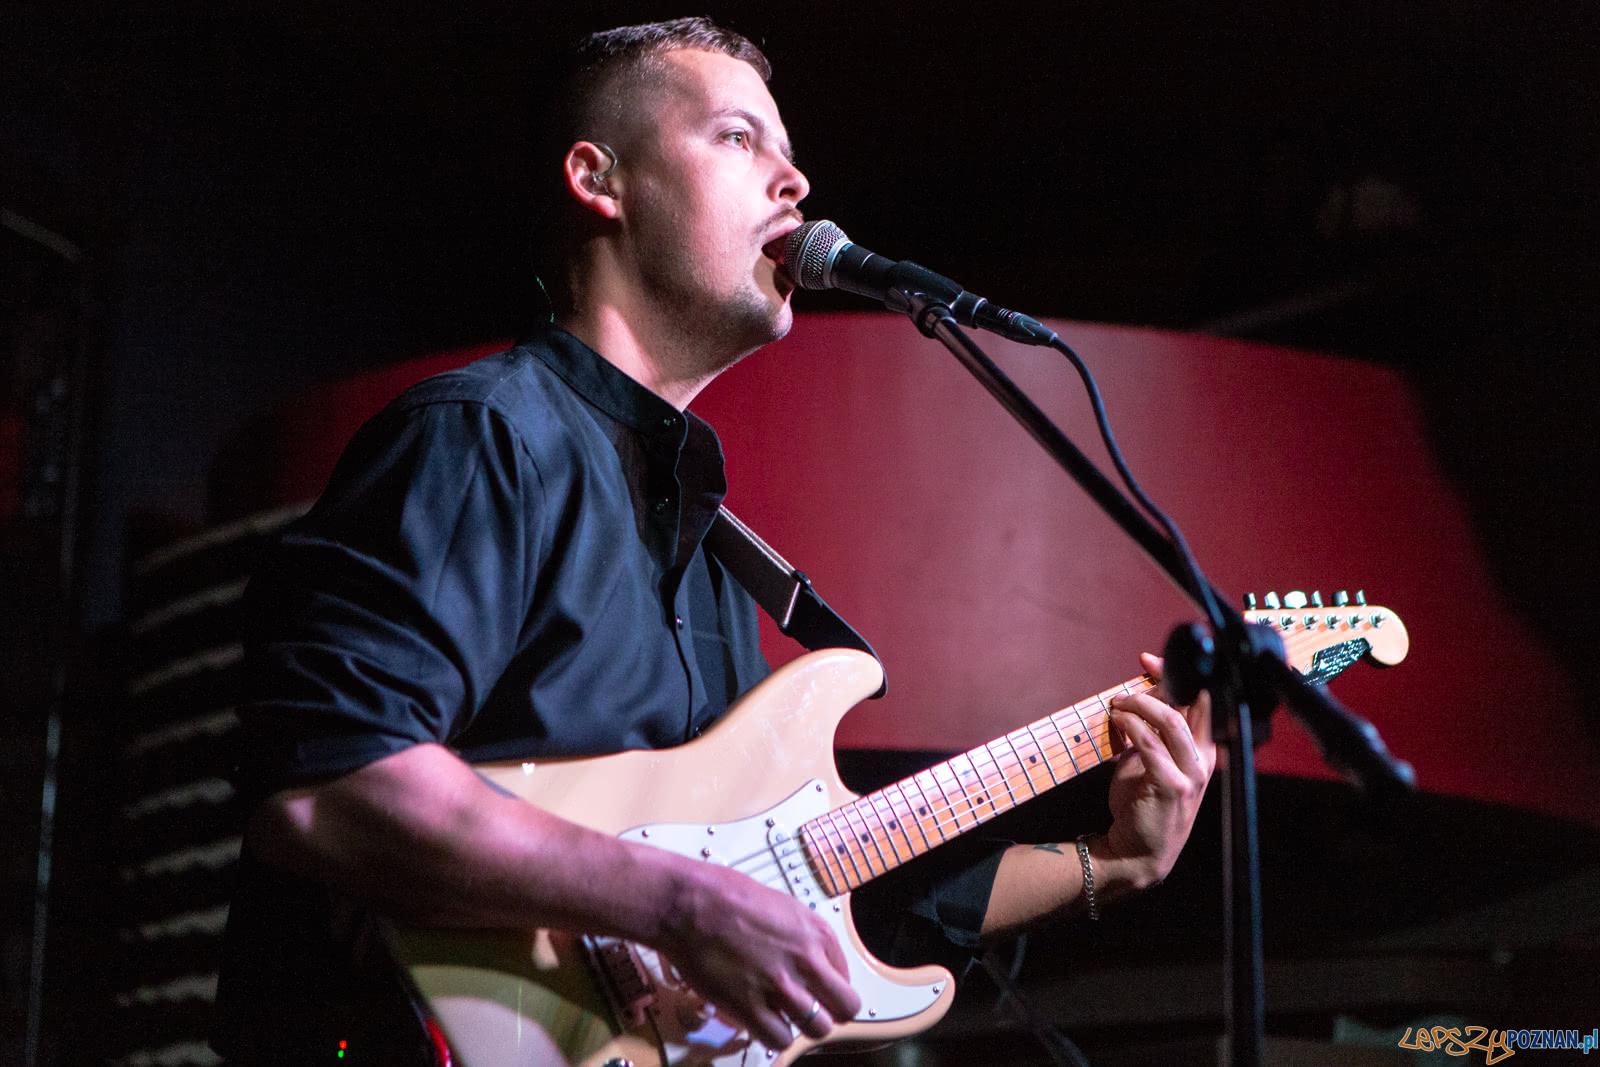 Król zagrał w klubie Blue Note - Poznań 3.12.2018 r.  Foto: LepszyPOZNAN.pl / Paweł Rychter